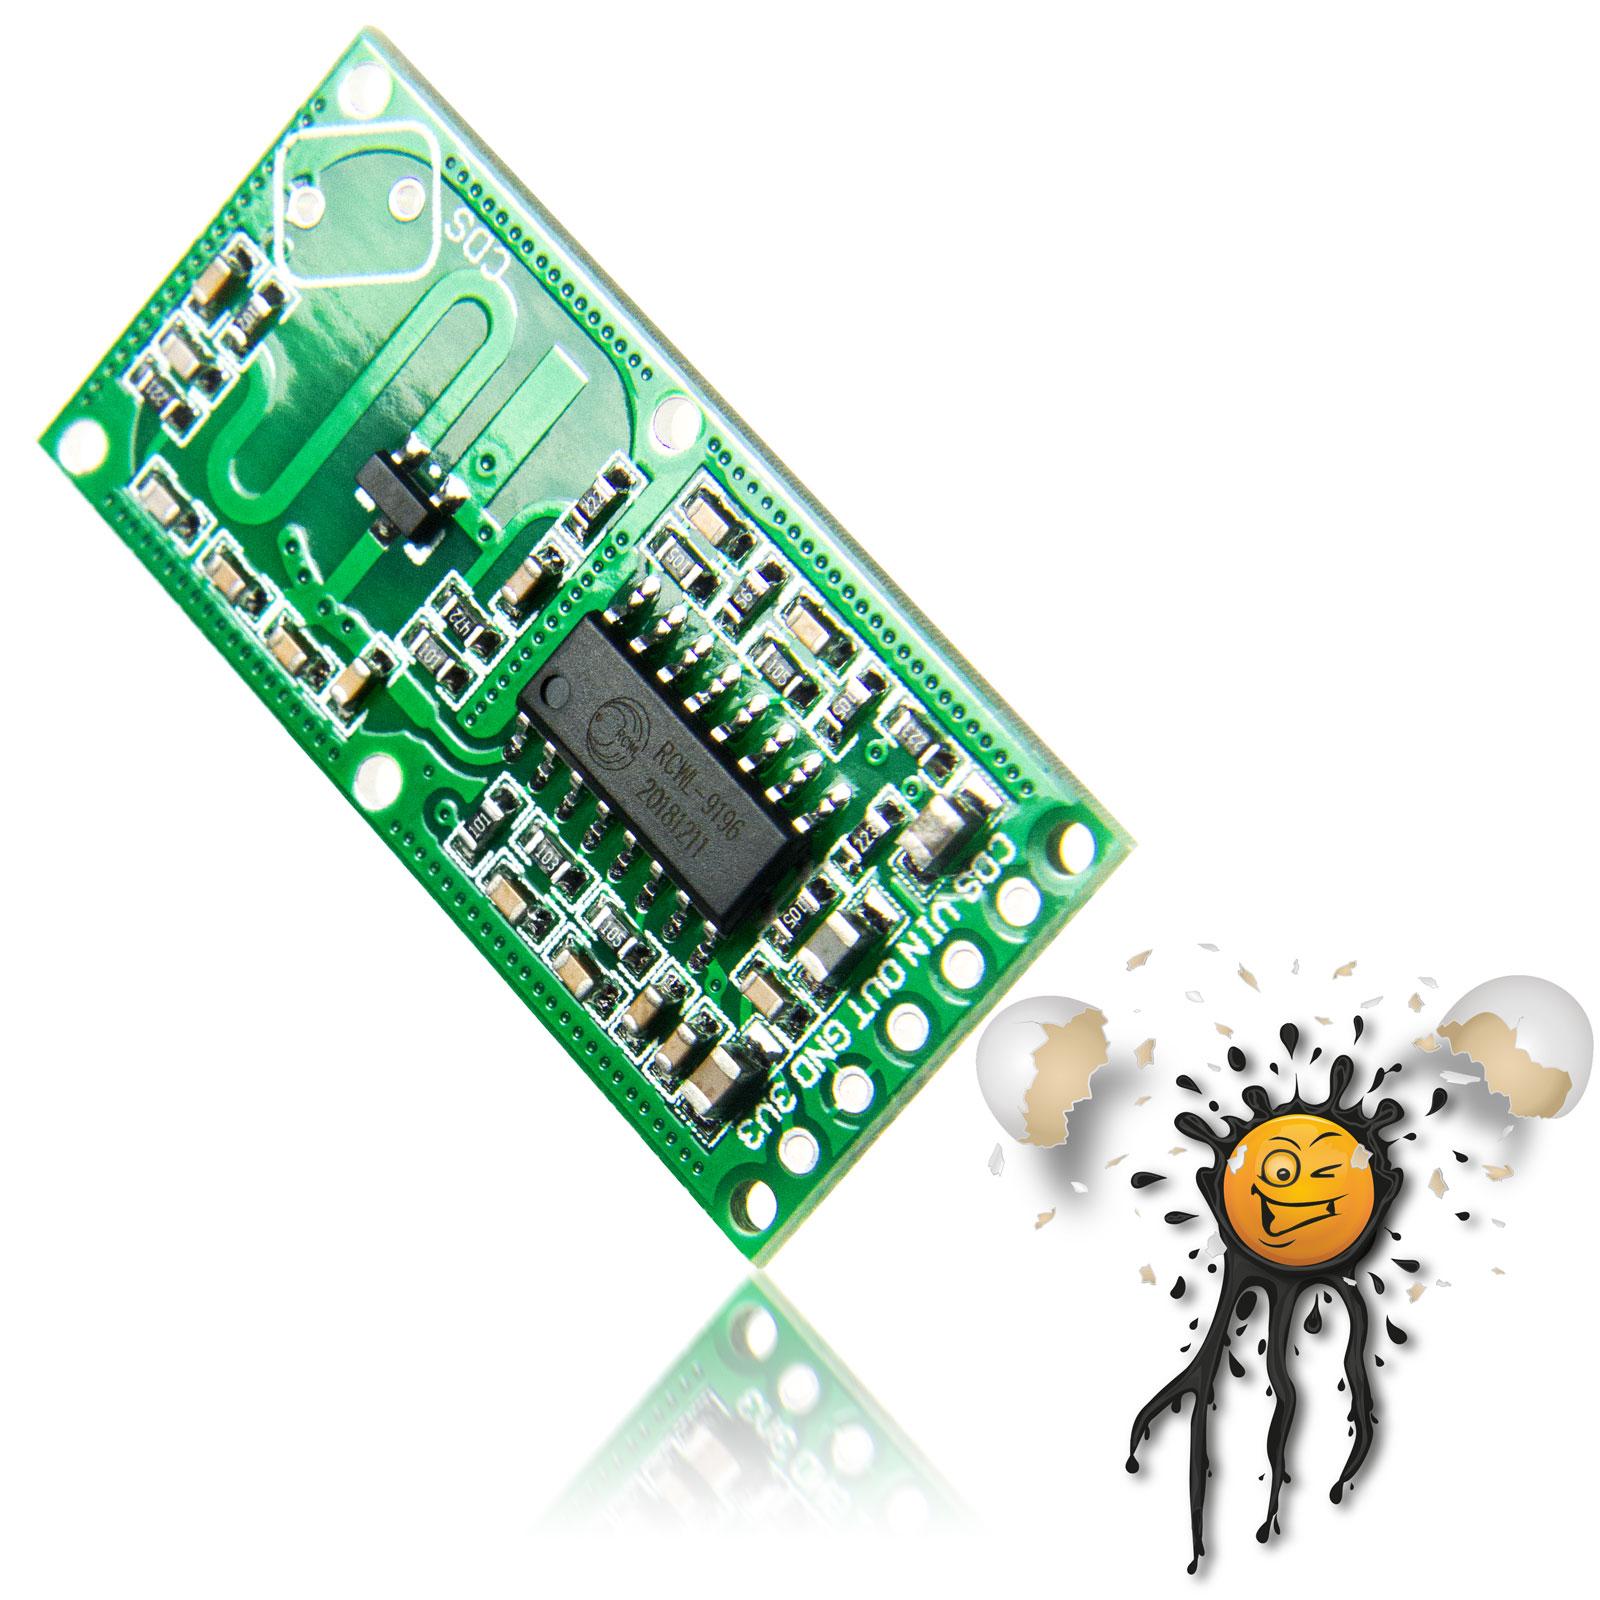 Doppler Radar microwave Sensor Module